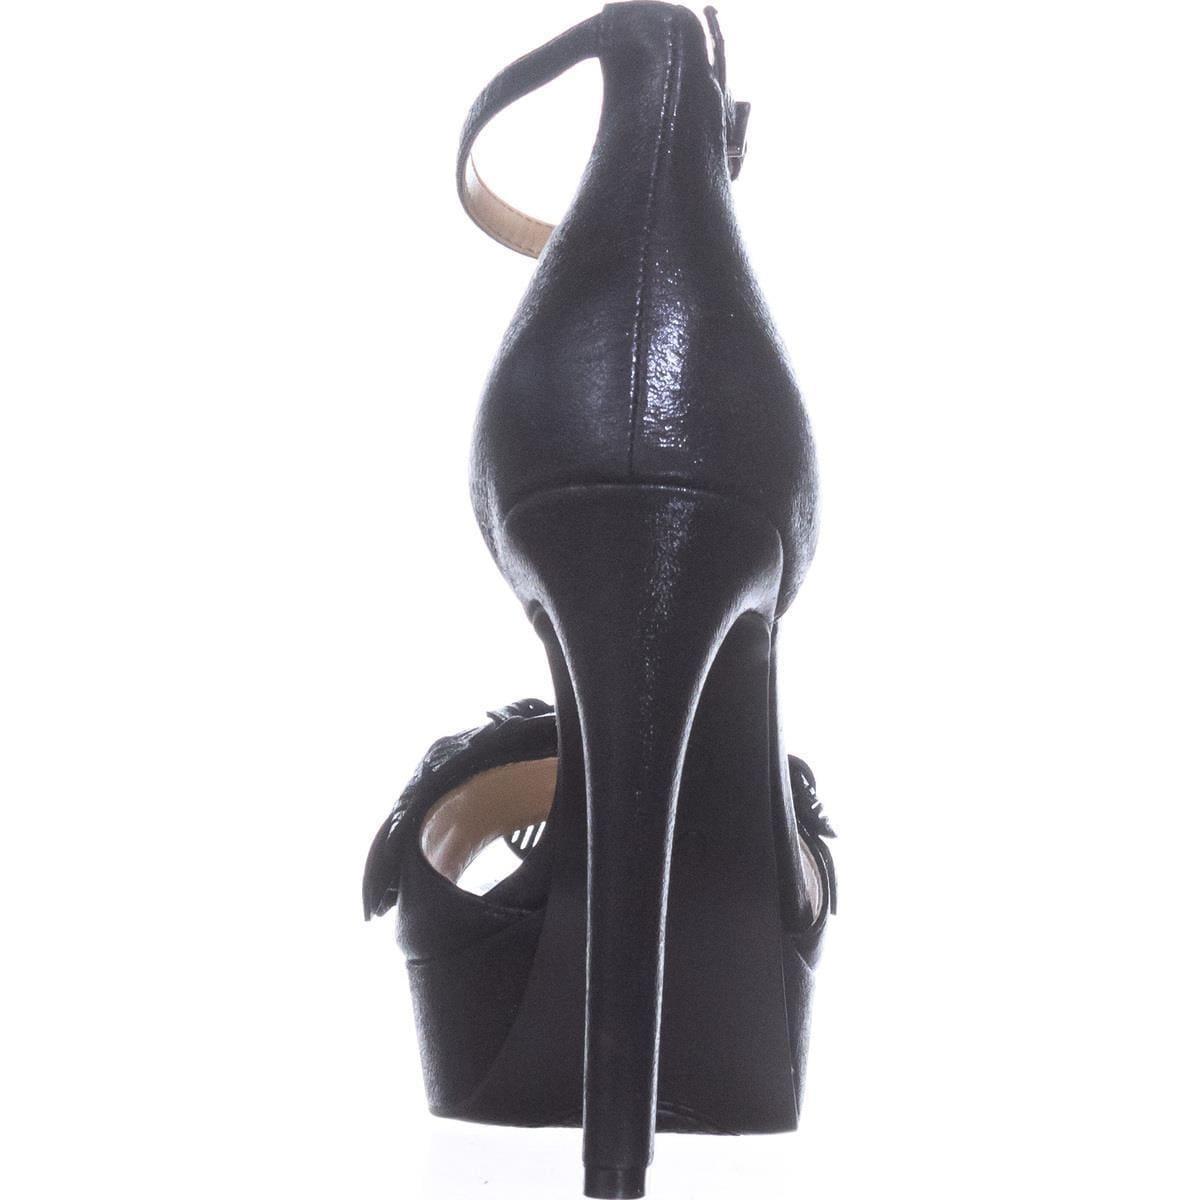 f646a6d862a Shop Jessica Simpson Mayfaran Ankle Strap Platform Sandals